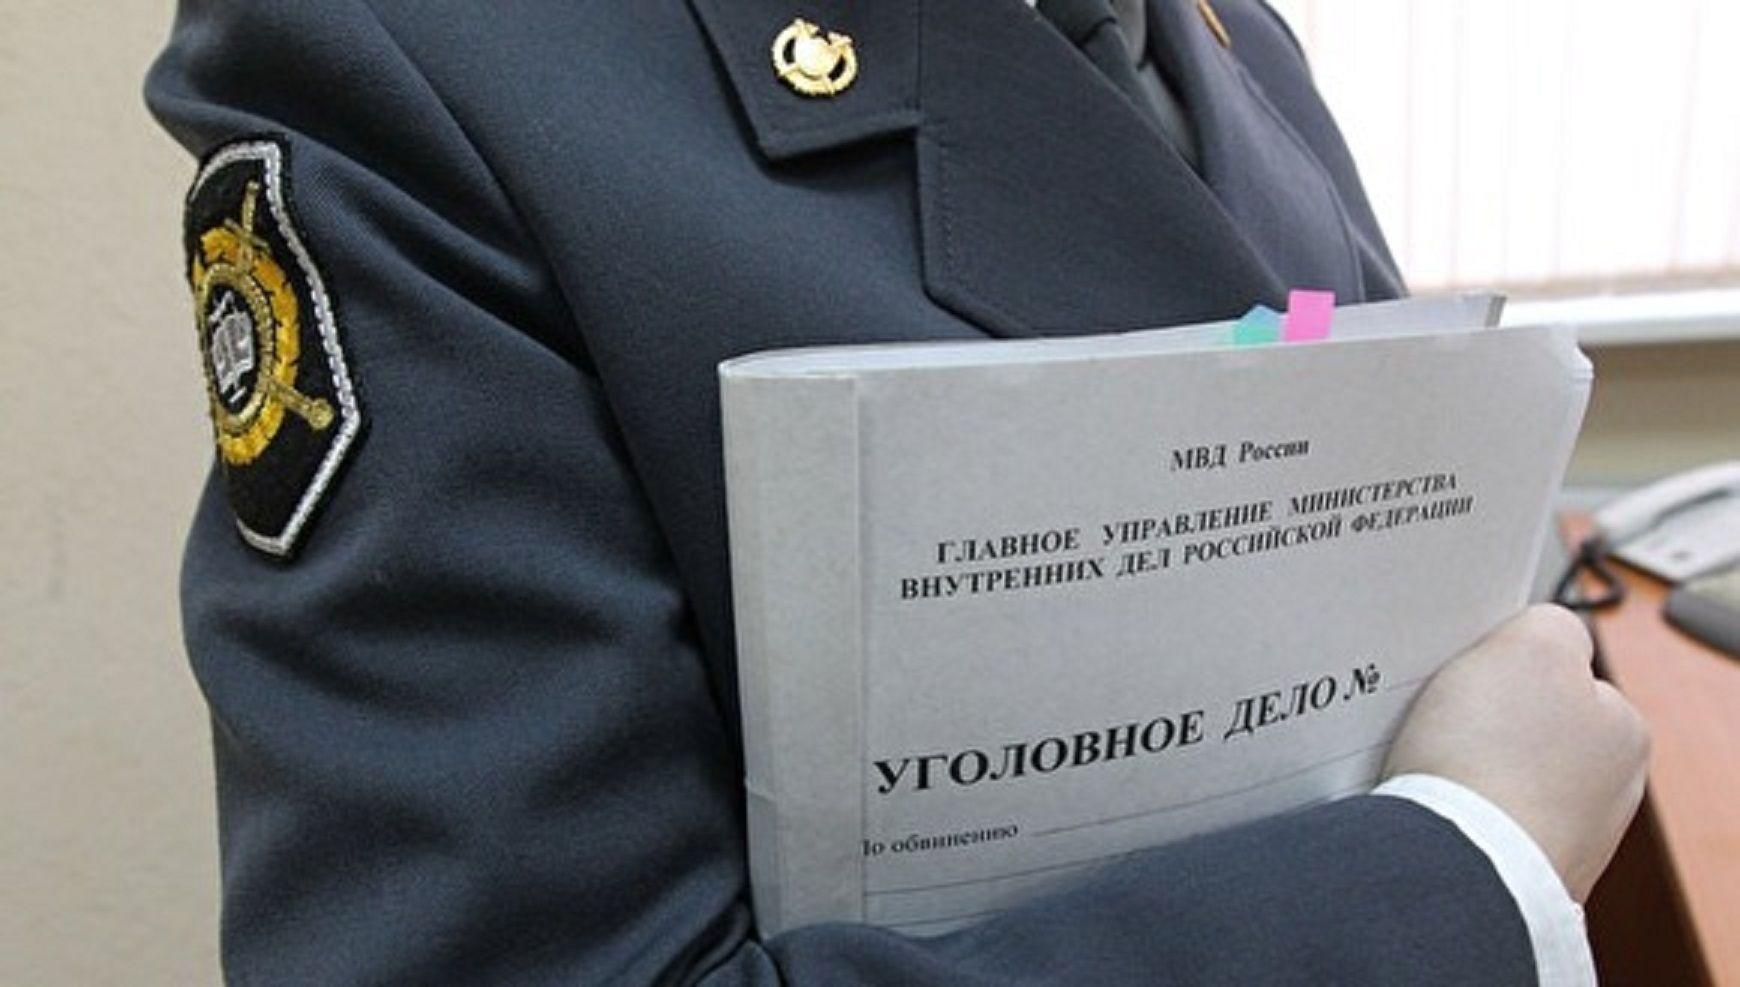 Ставропольского юриста обвиняют вмошенничестве на 200 тысяч руб.